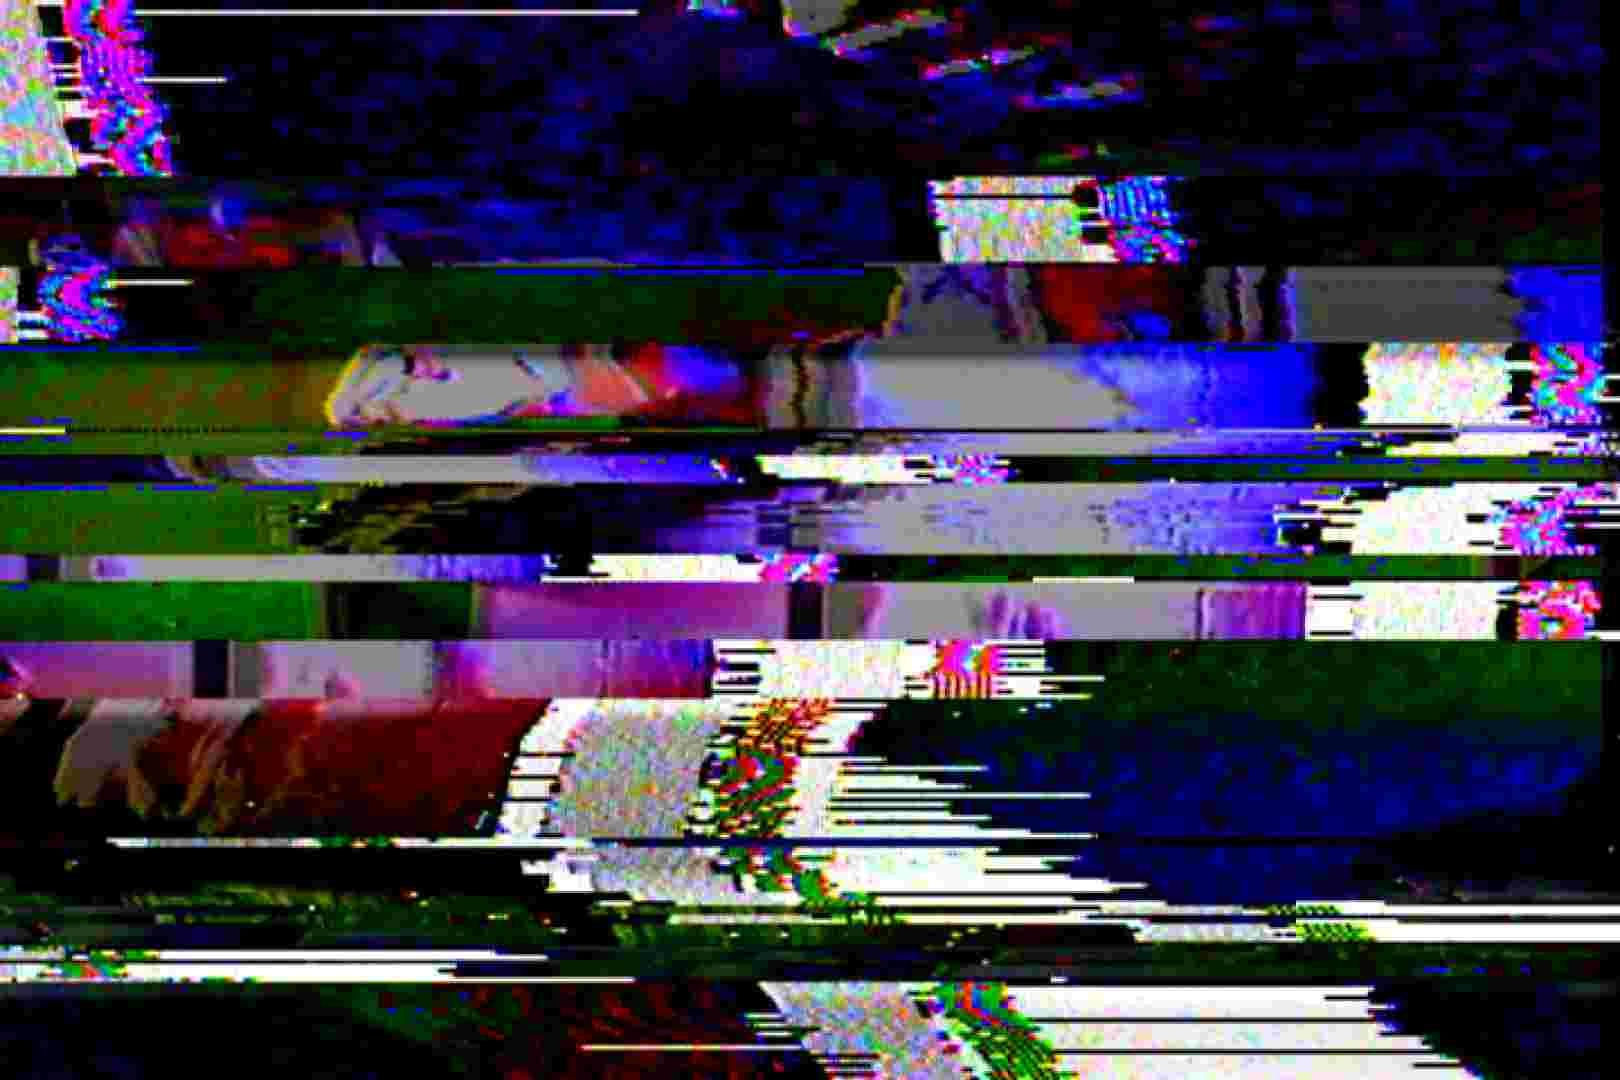 海の家の更衣室 Vol.57 丸見え エロ画像 42画像 2